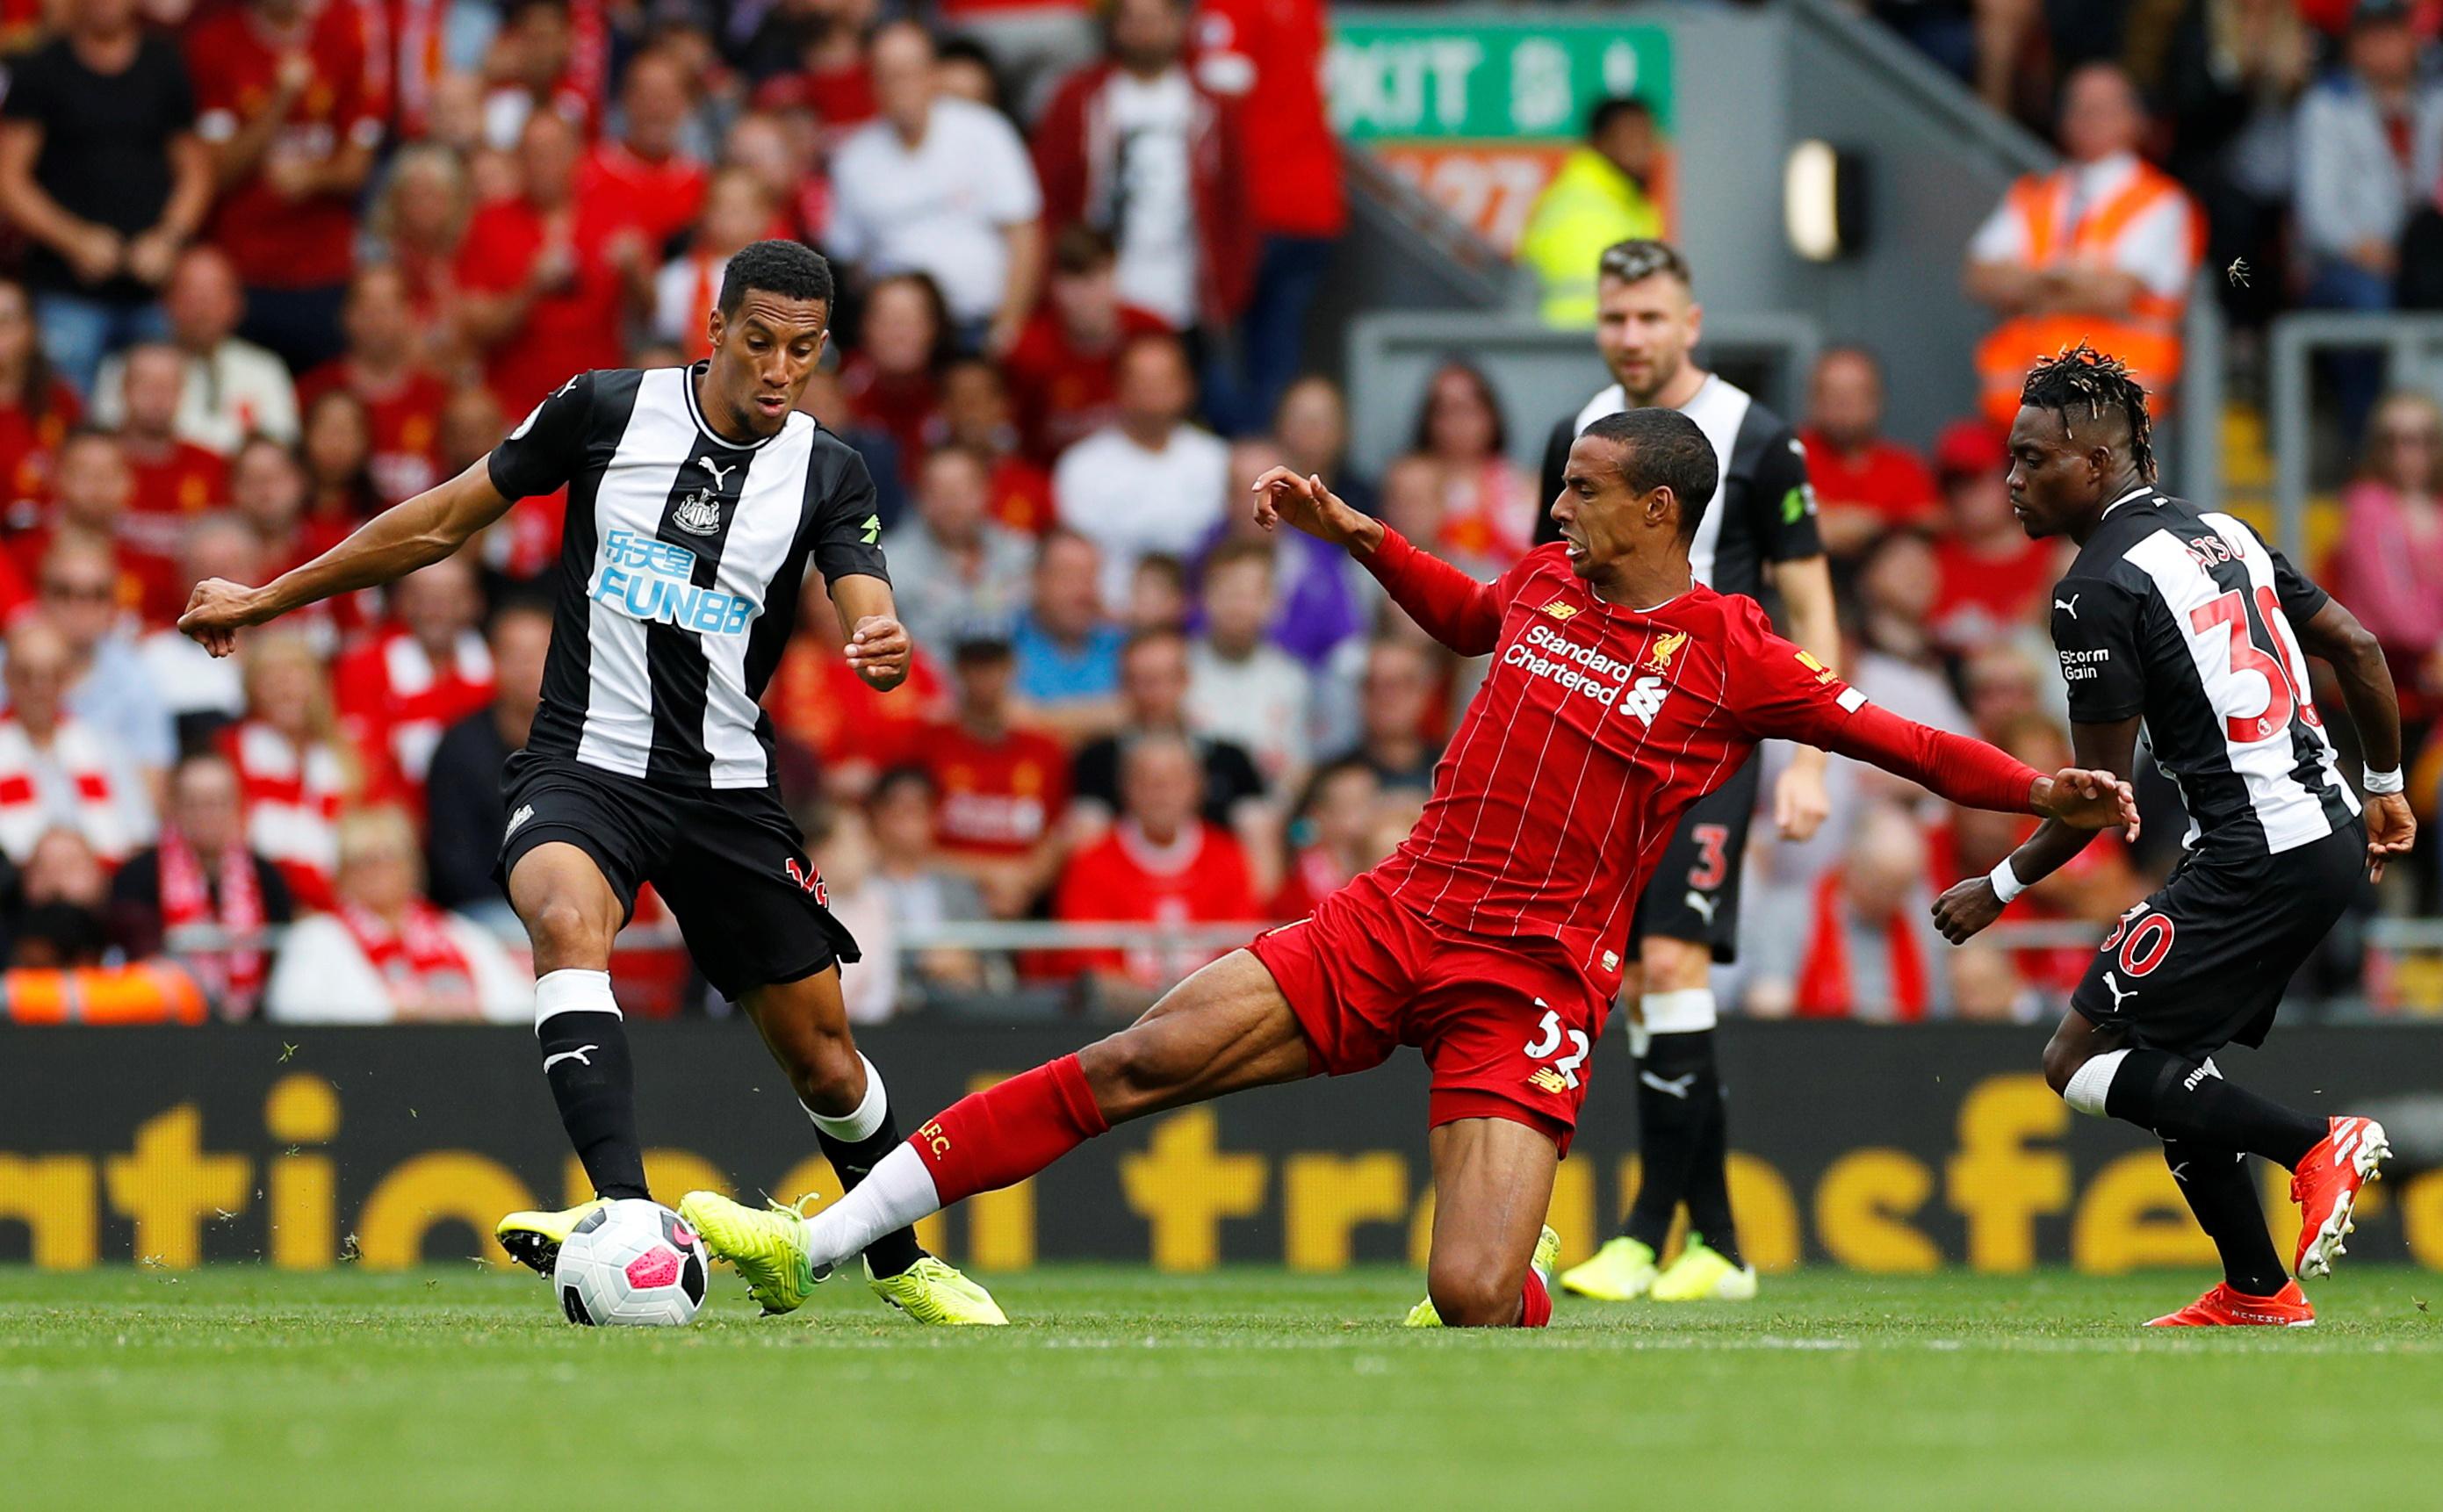 مباراة ليفربول ضد نيوكاسل (4)